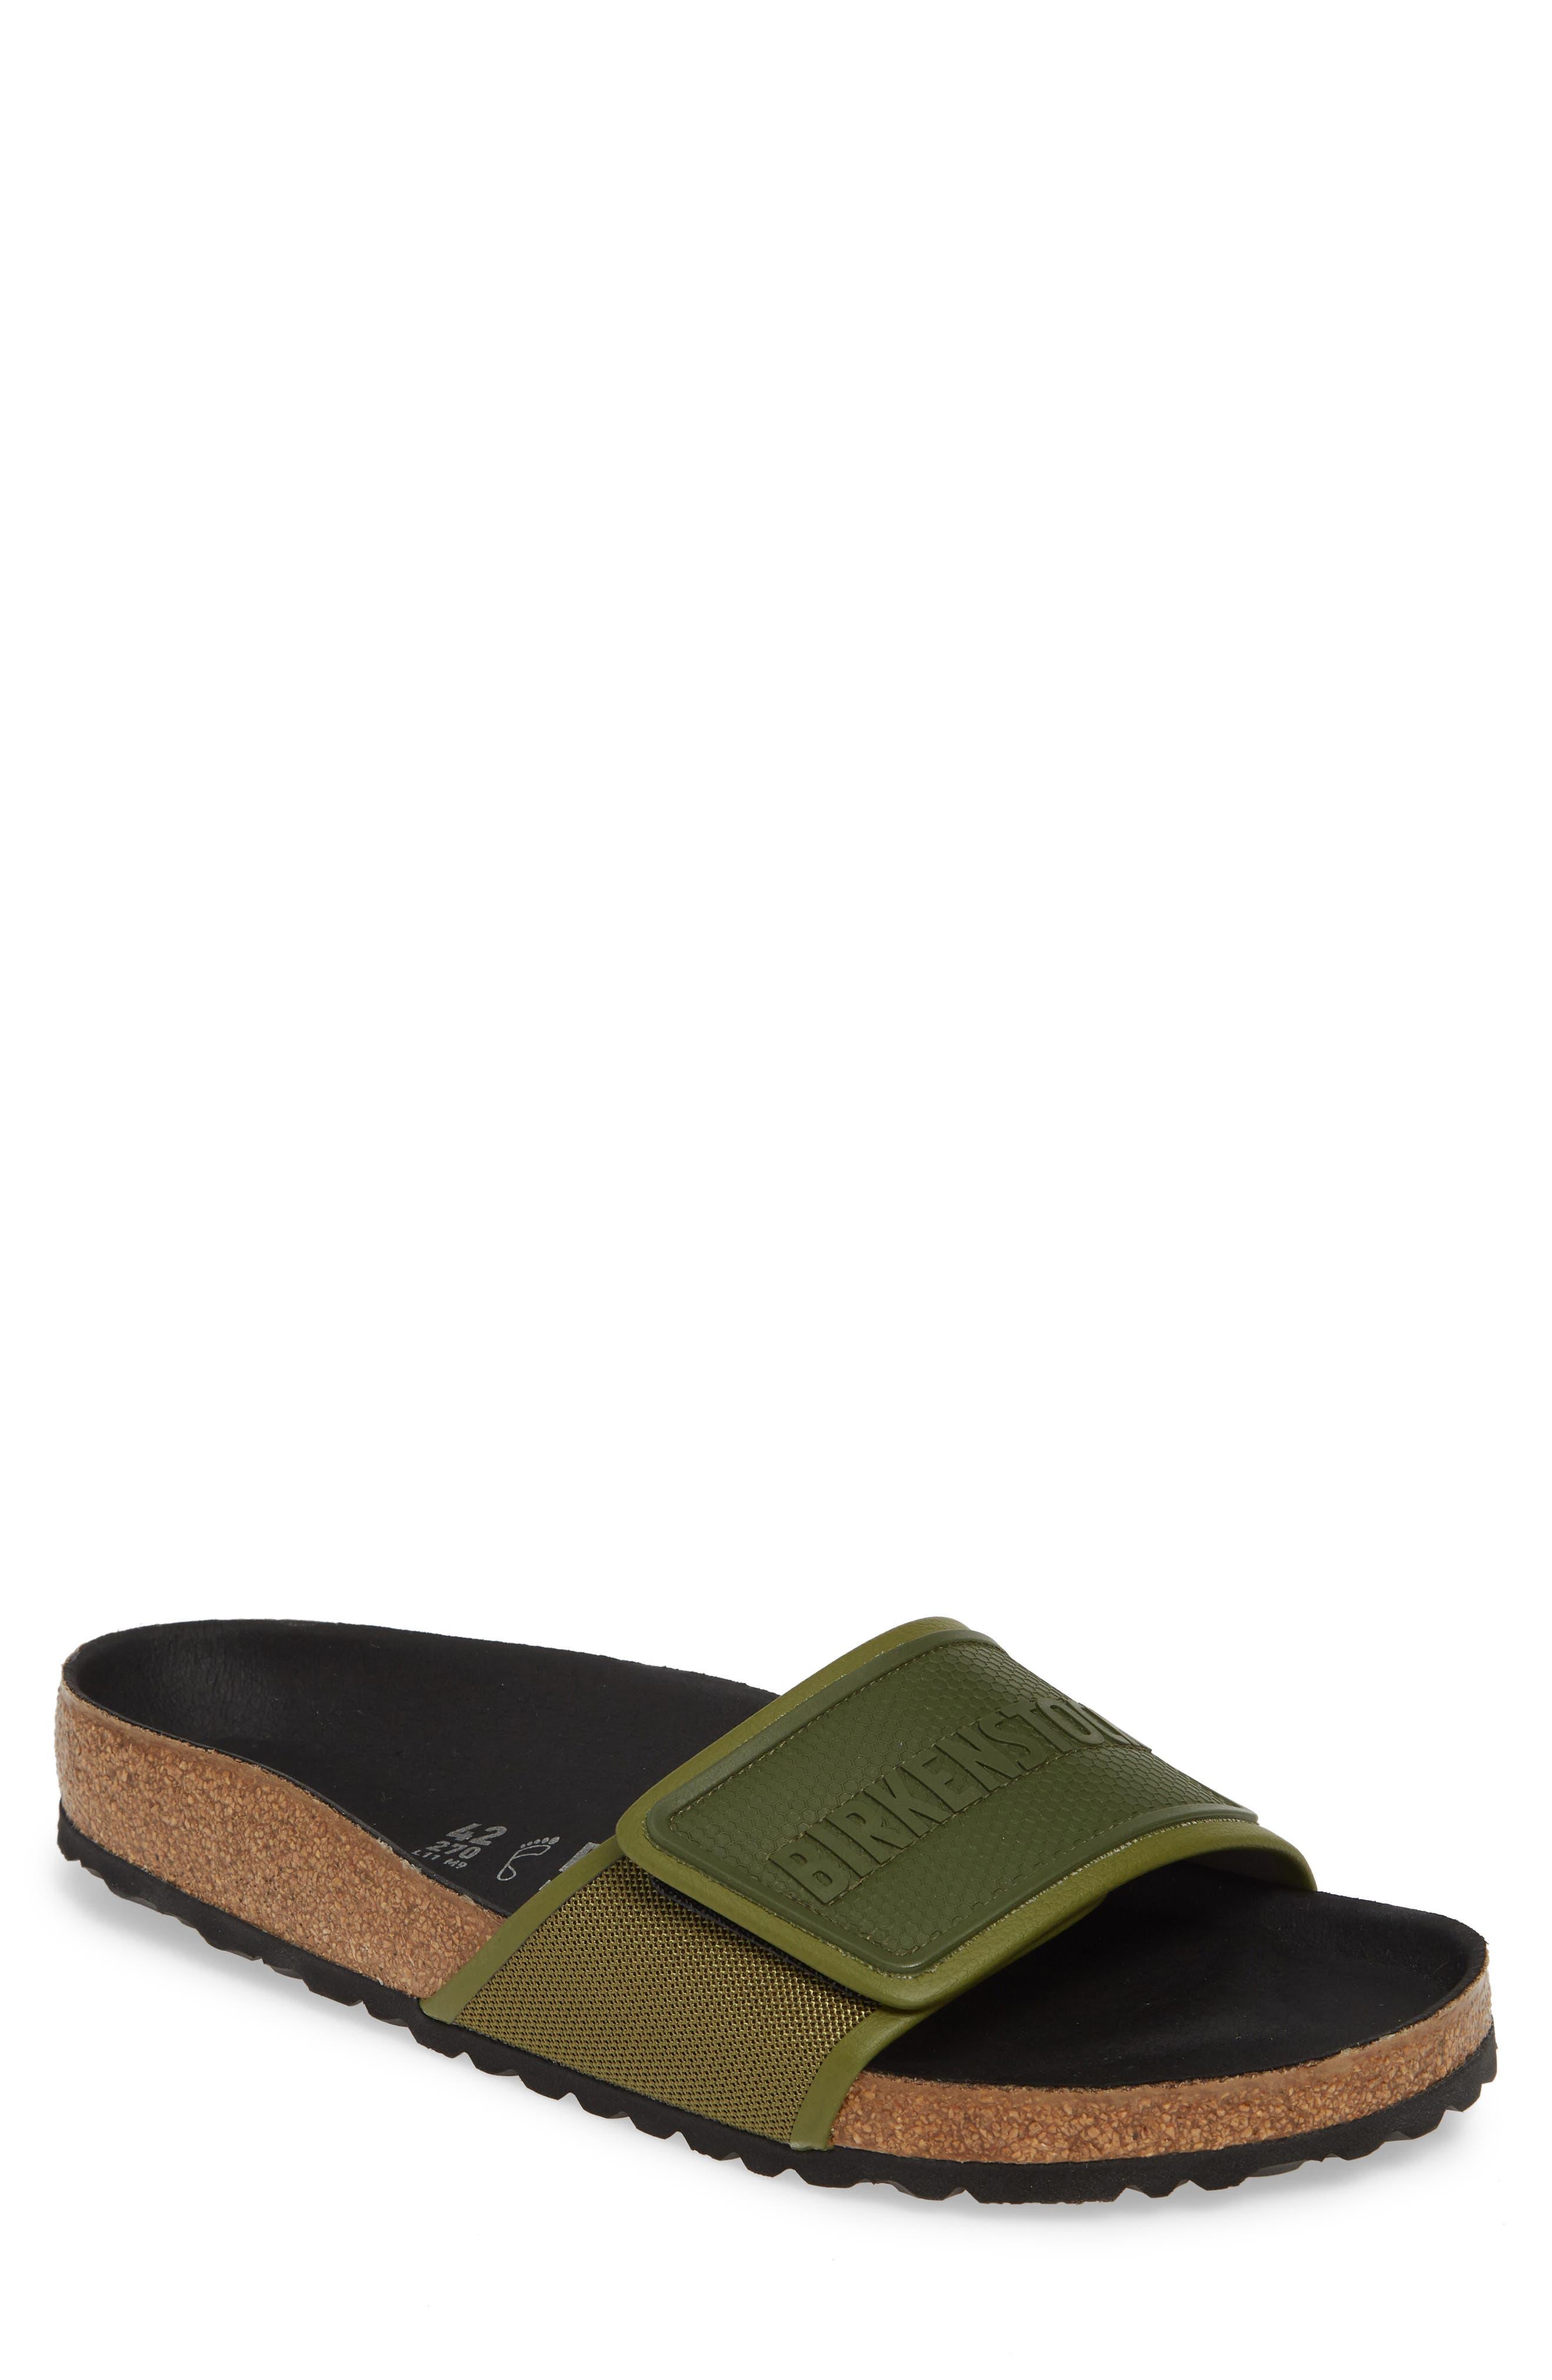 Birkenstock Tema Slide Sandal,13.5 - Green